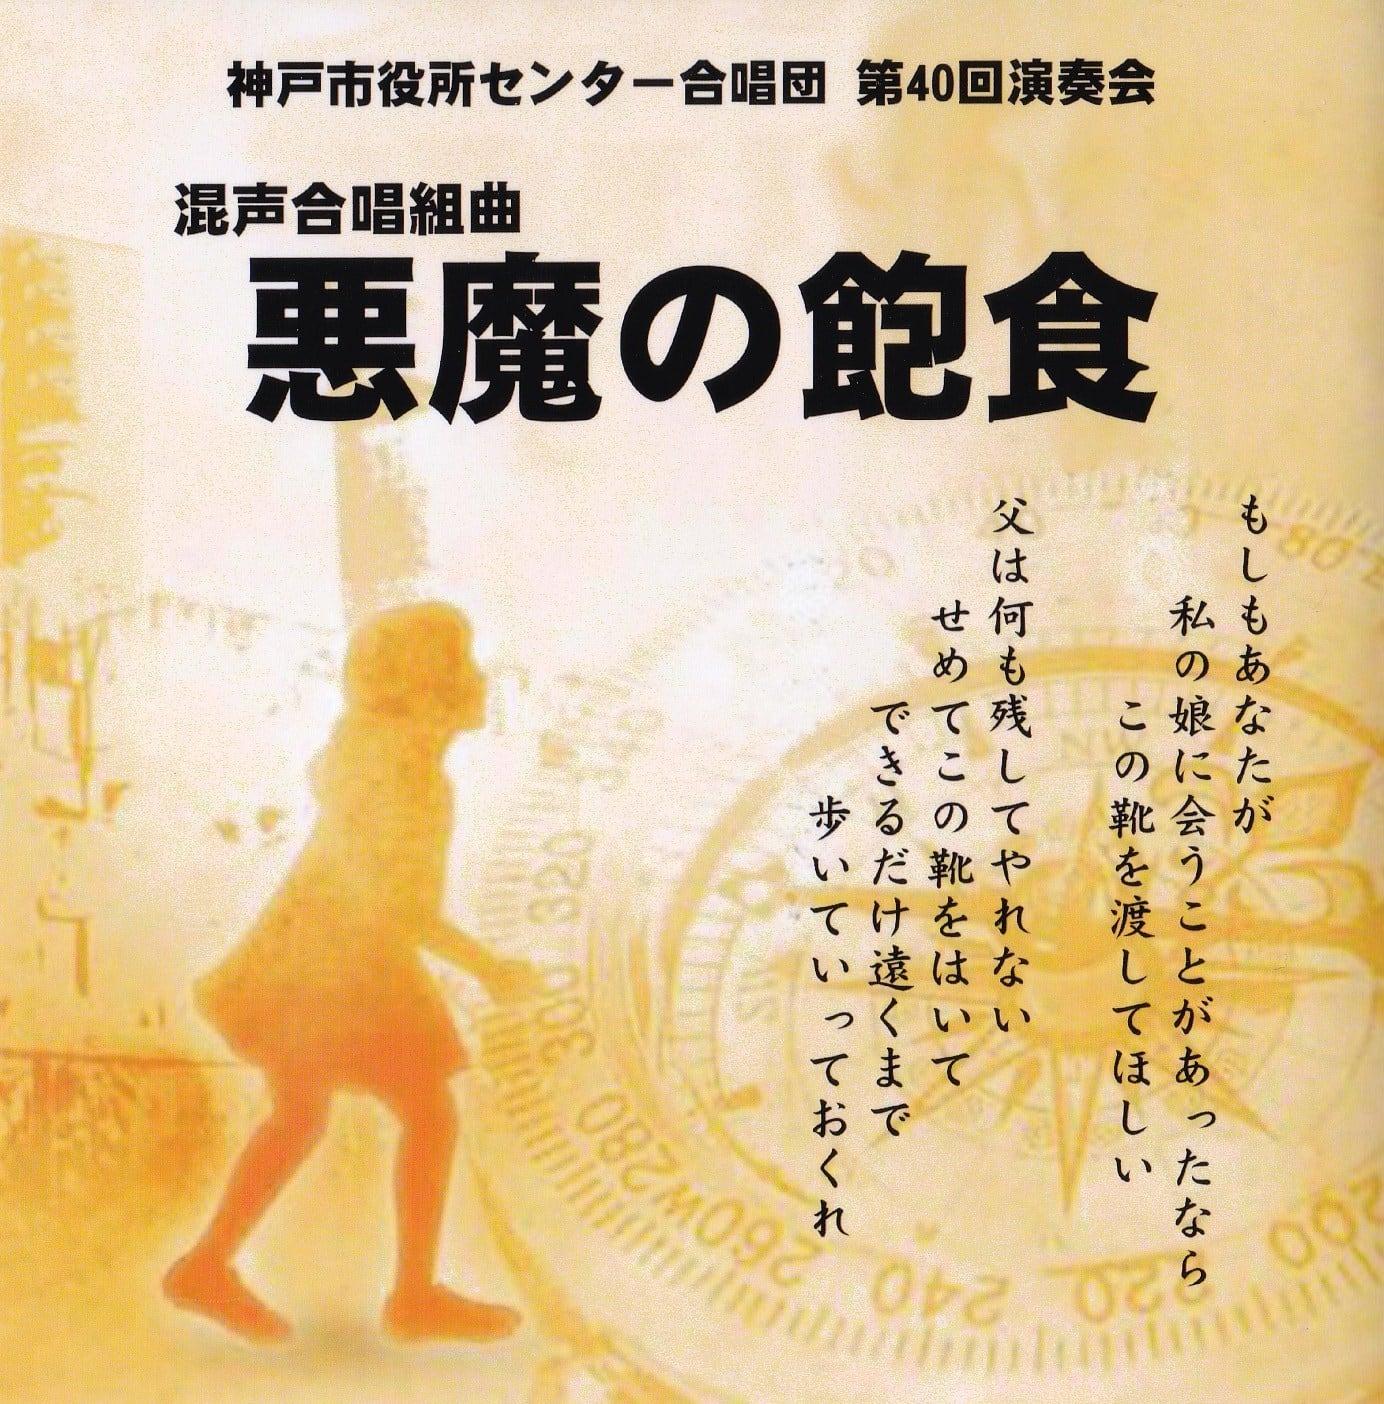 神戸市役所センター合唱団 第40回定期演奏会 混声合唱組曲 「悪魔の飽食」(CD)